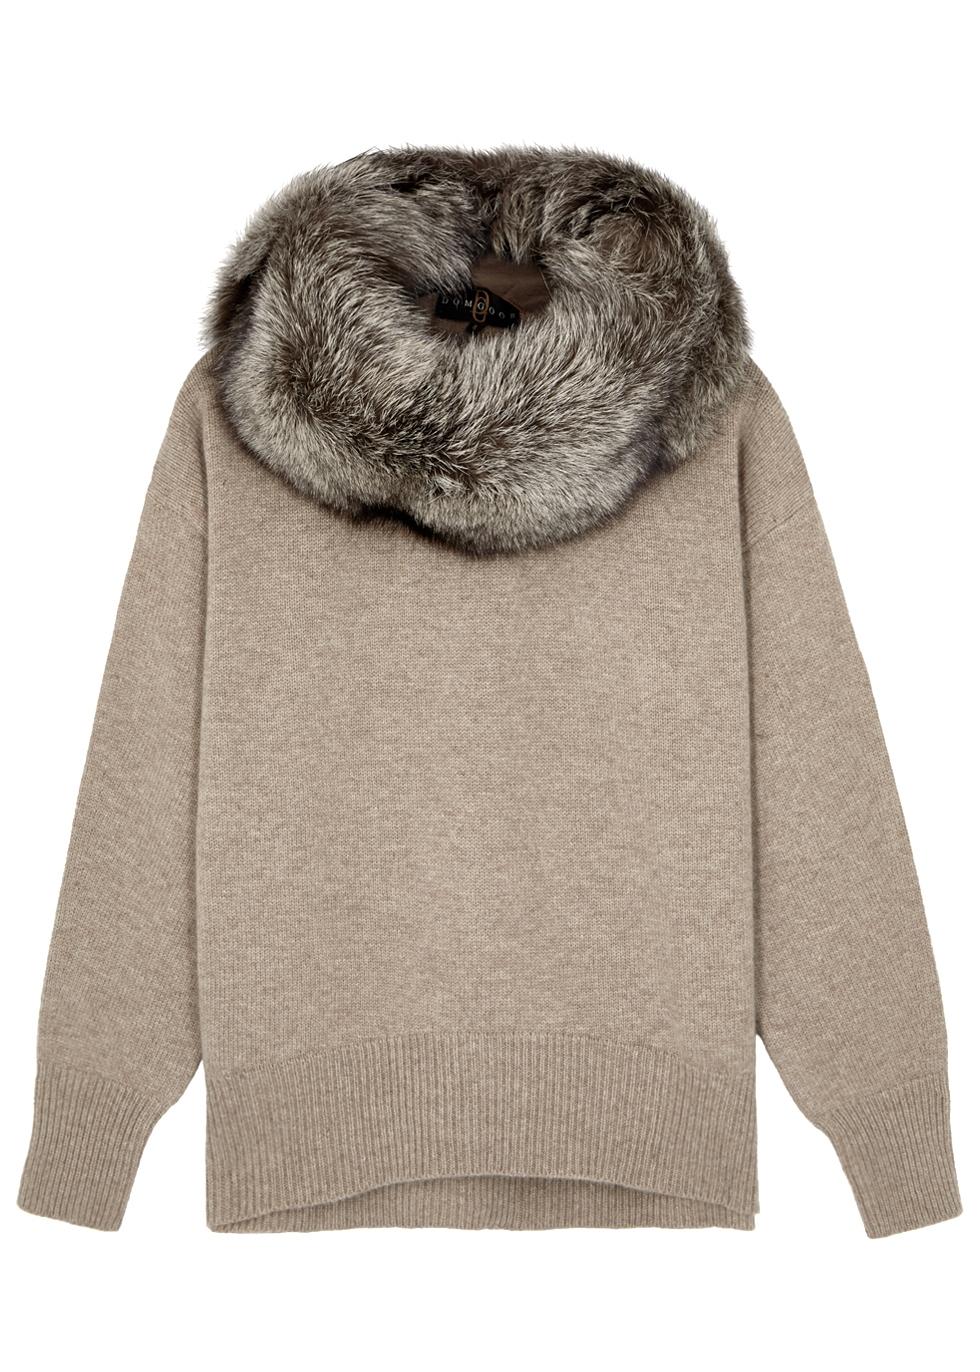 DOM GOOR Fur-Trimmed Wool-Blend Jumper in Light Grey